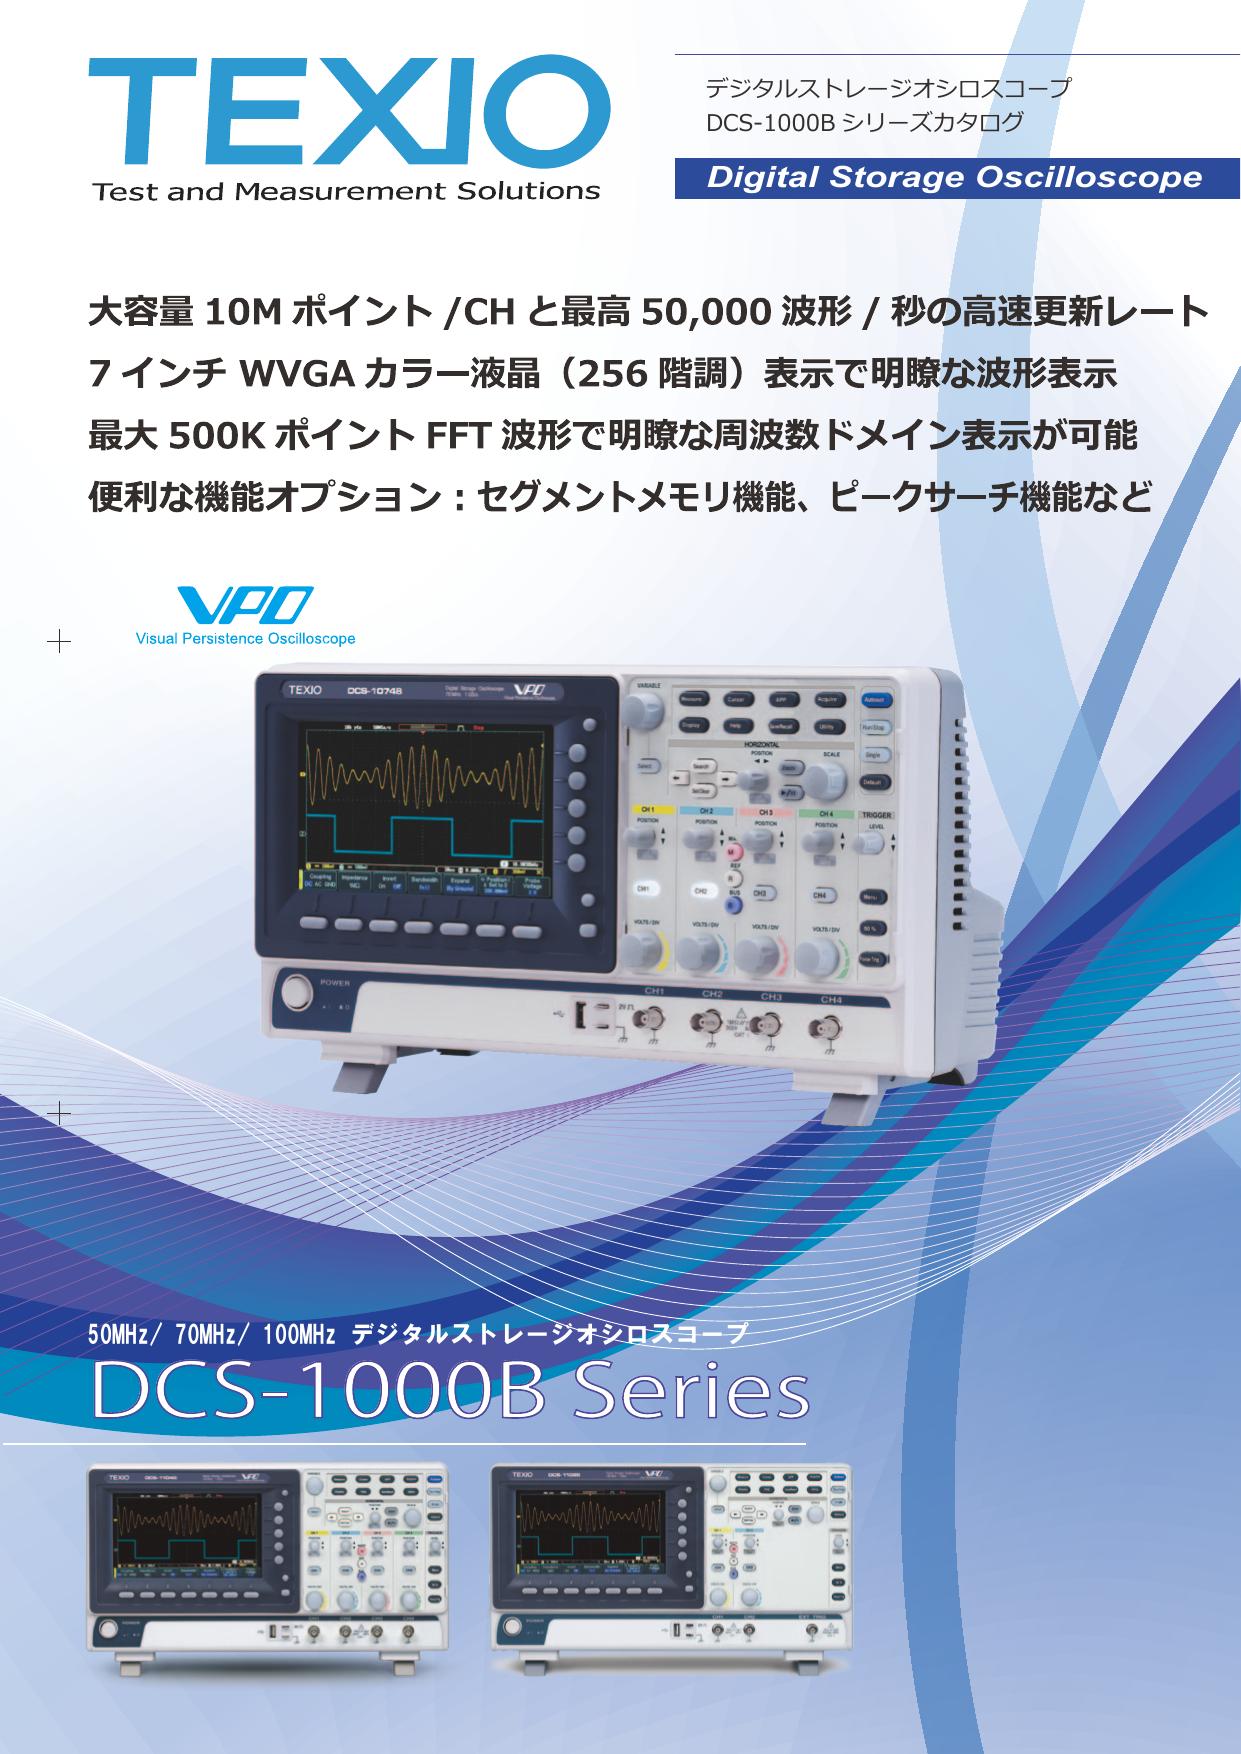 デジタルストレージオシロスコープ DCS-1000Bシリーズカタログ